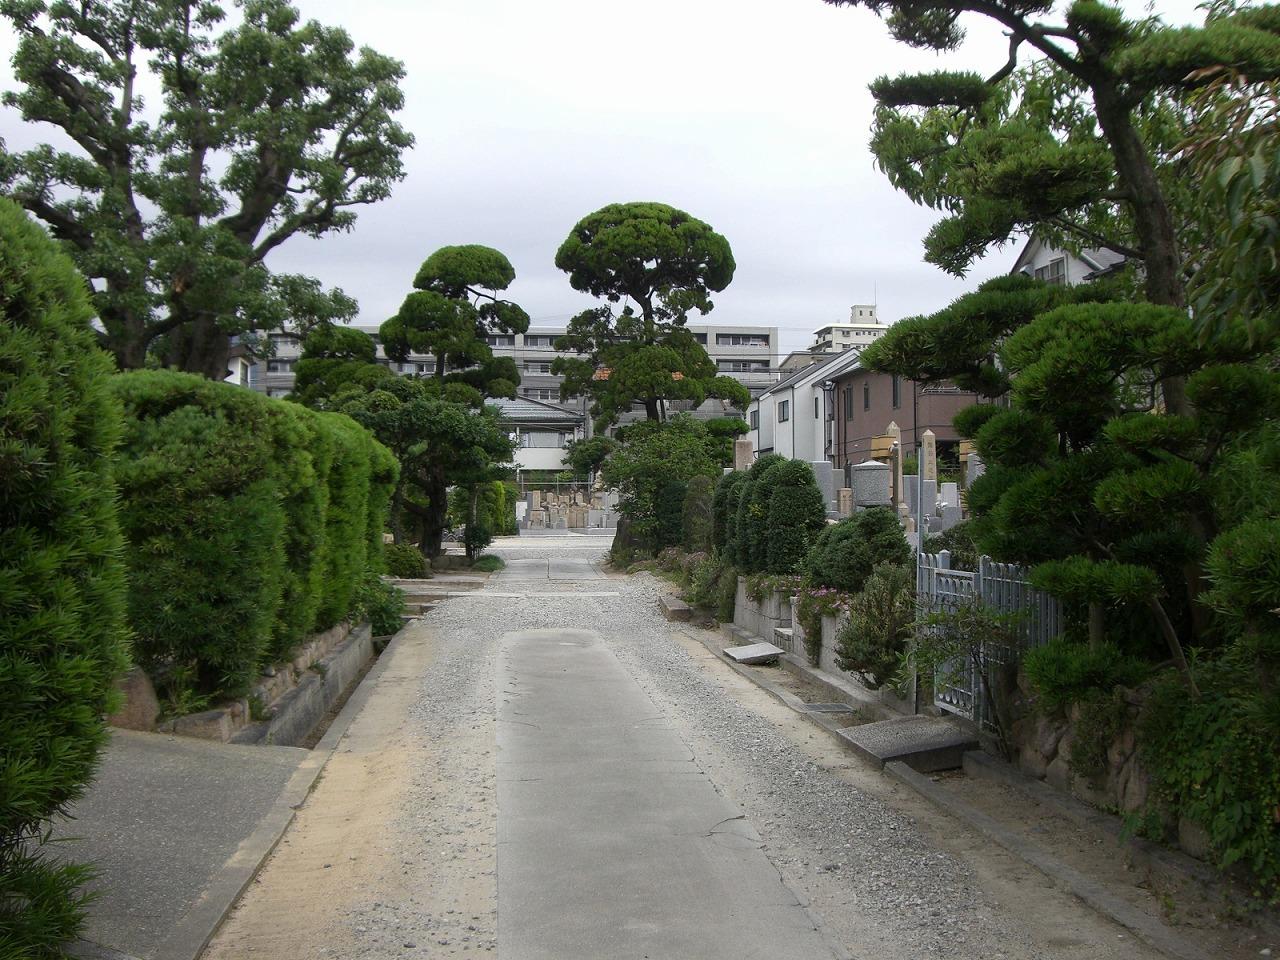 芦屋市にある歴史上由緒あるお寺 親王寺境内墓地の様子